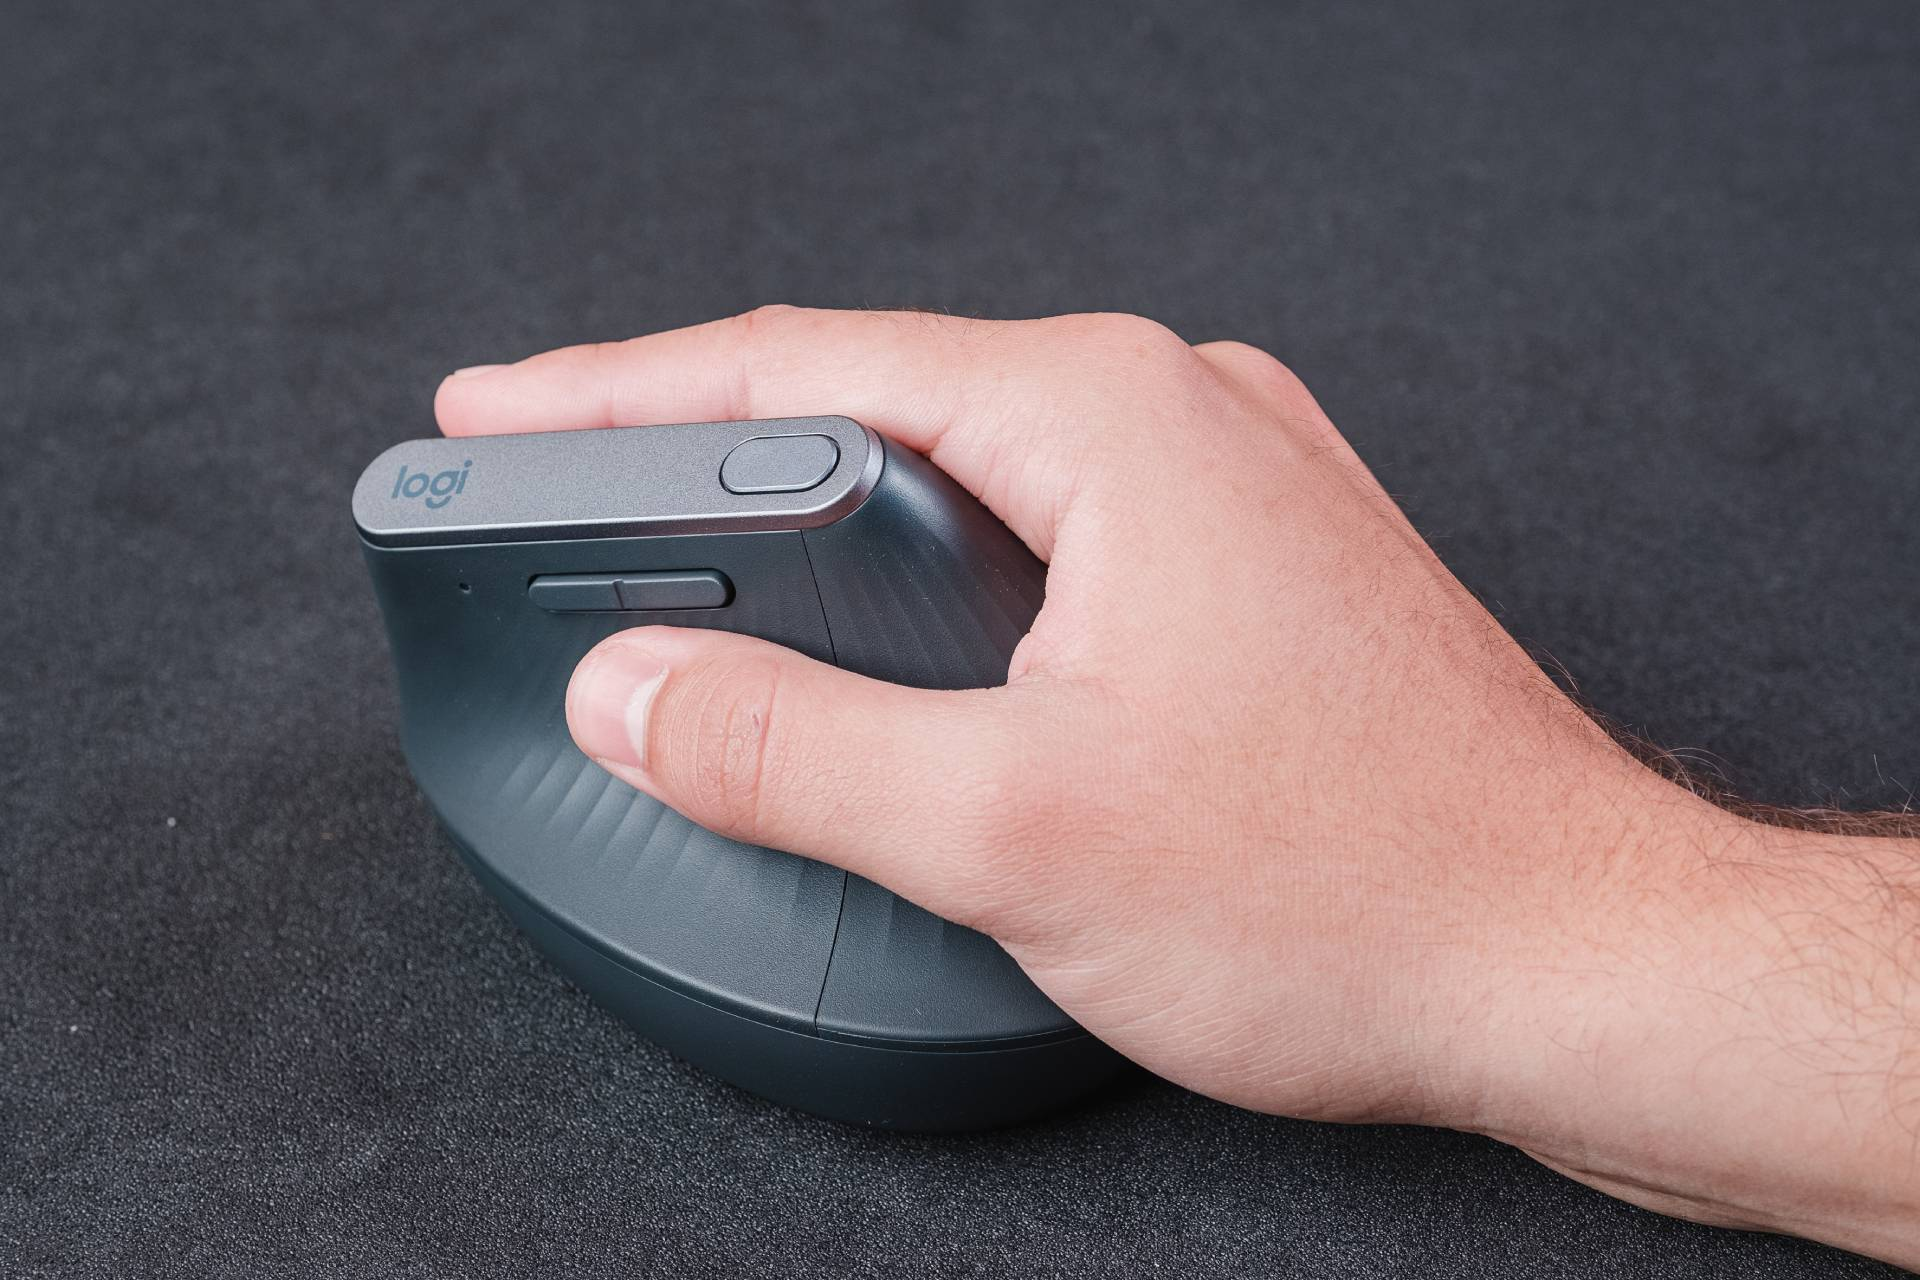 Apesar de um início estranho, em pouco tempo a pegada do mouse se torna natural (Foto: Zoom)